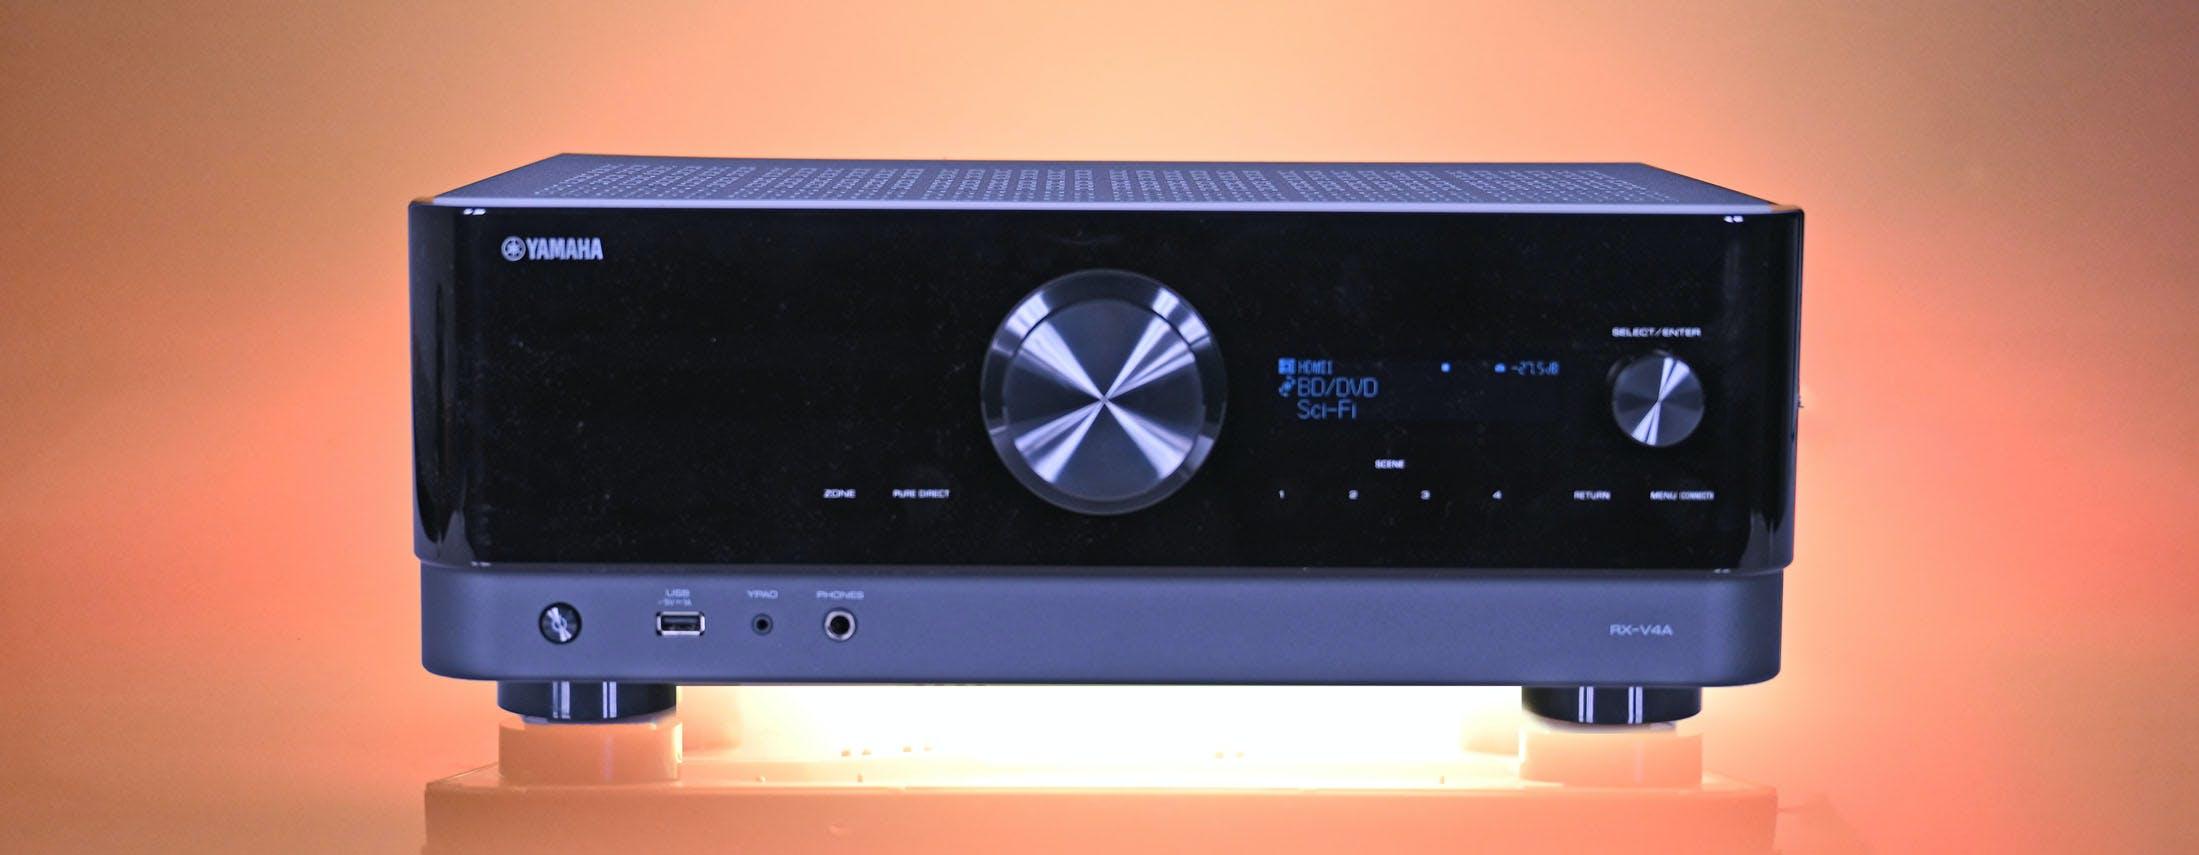 Yamaha RX-V4A, in prova l'home theater giudizioso